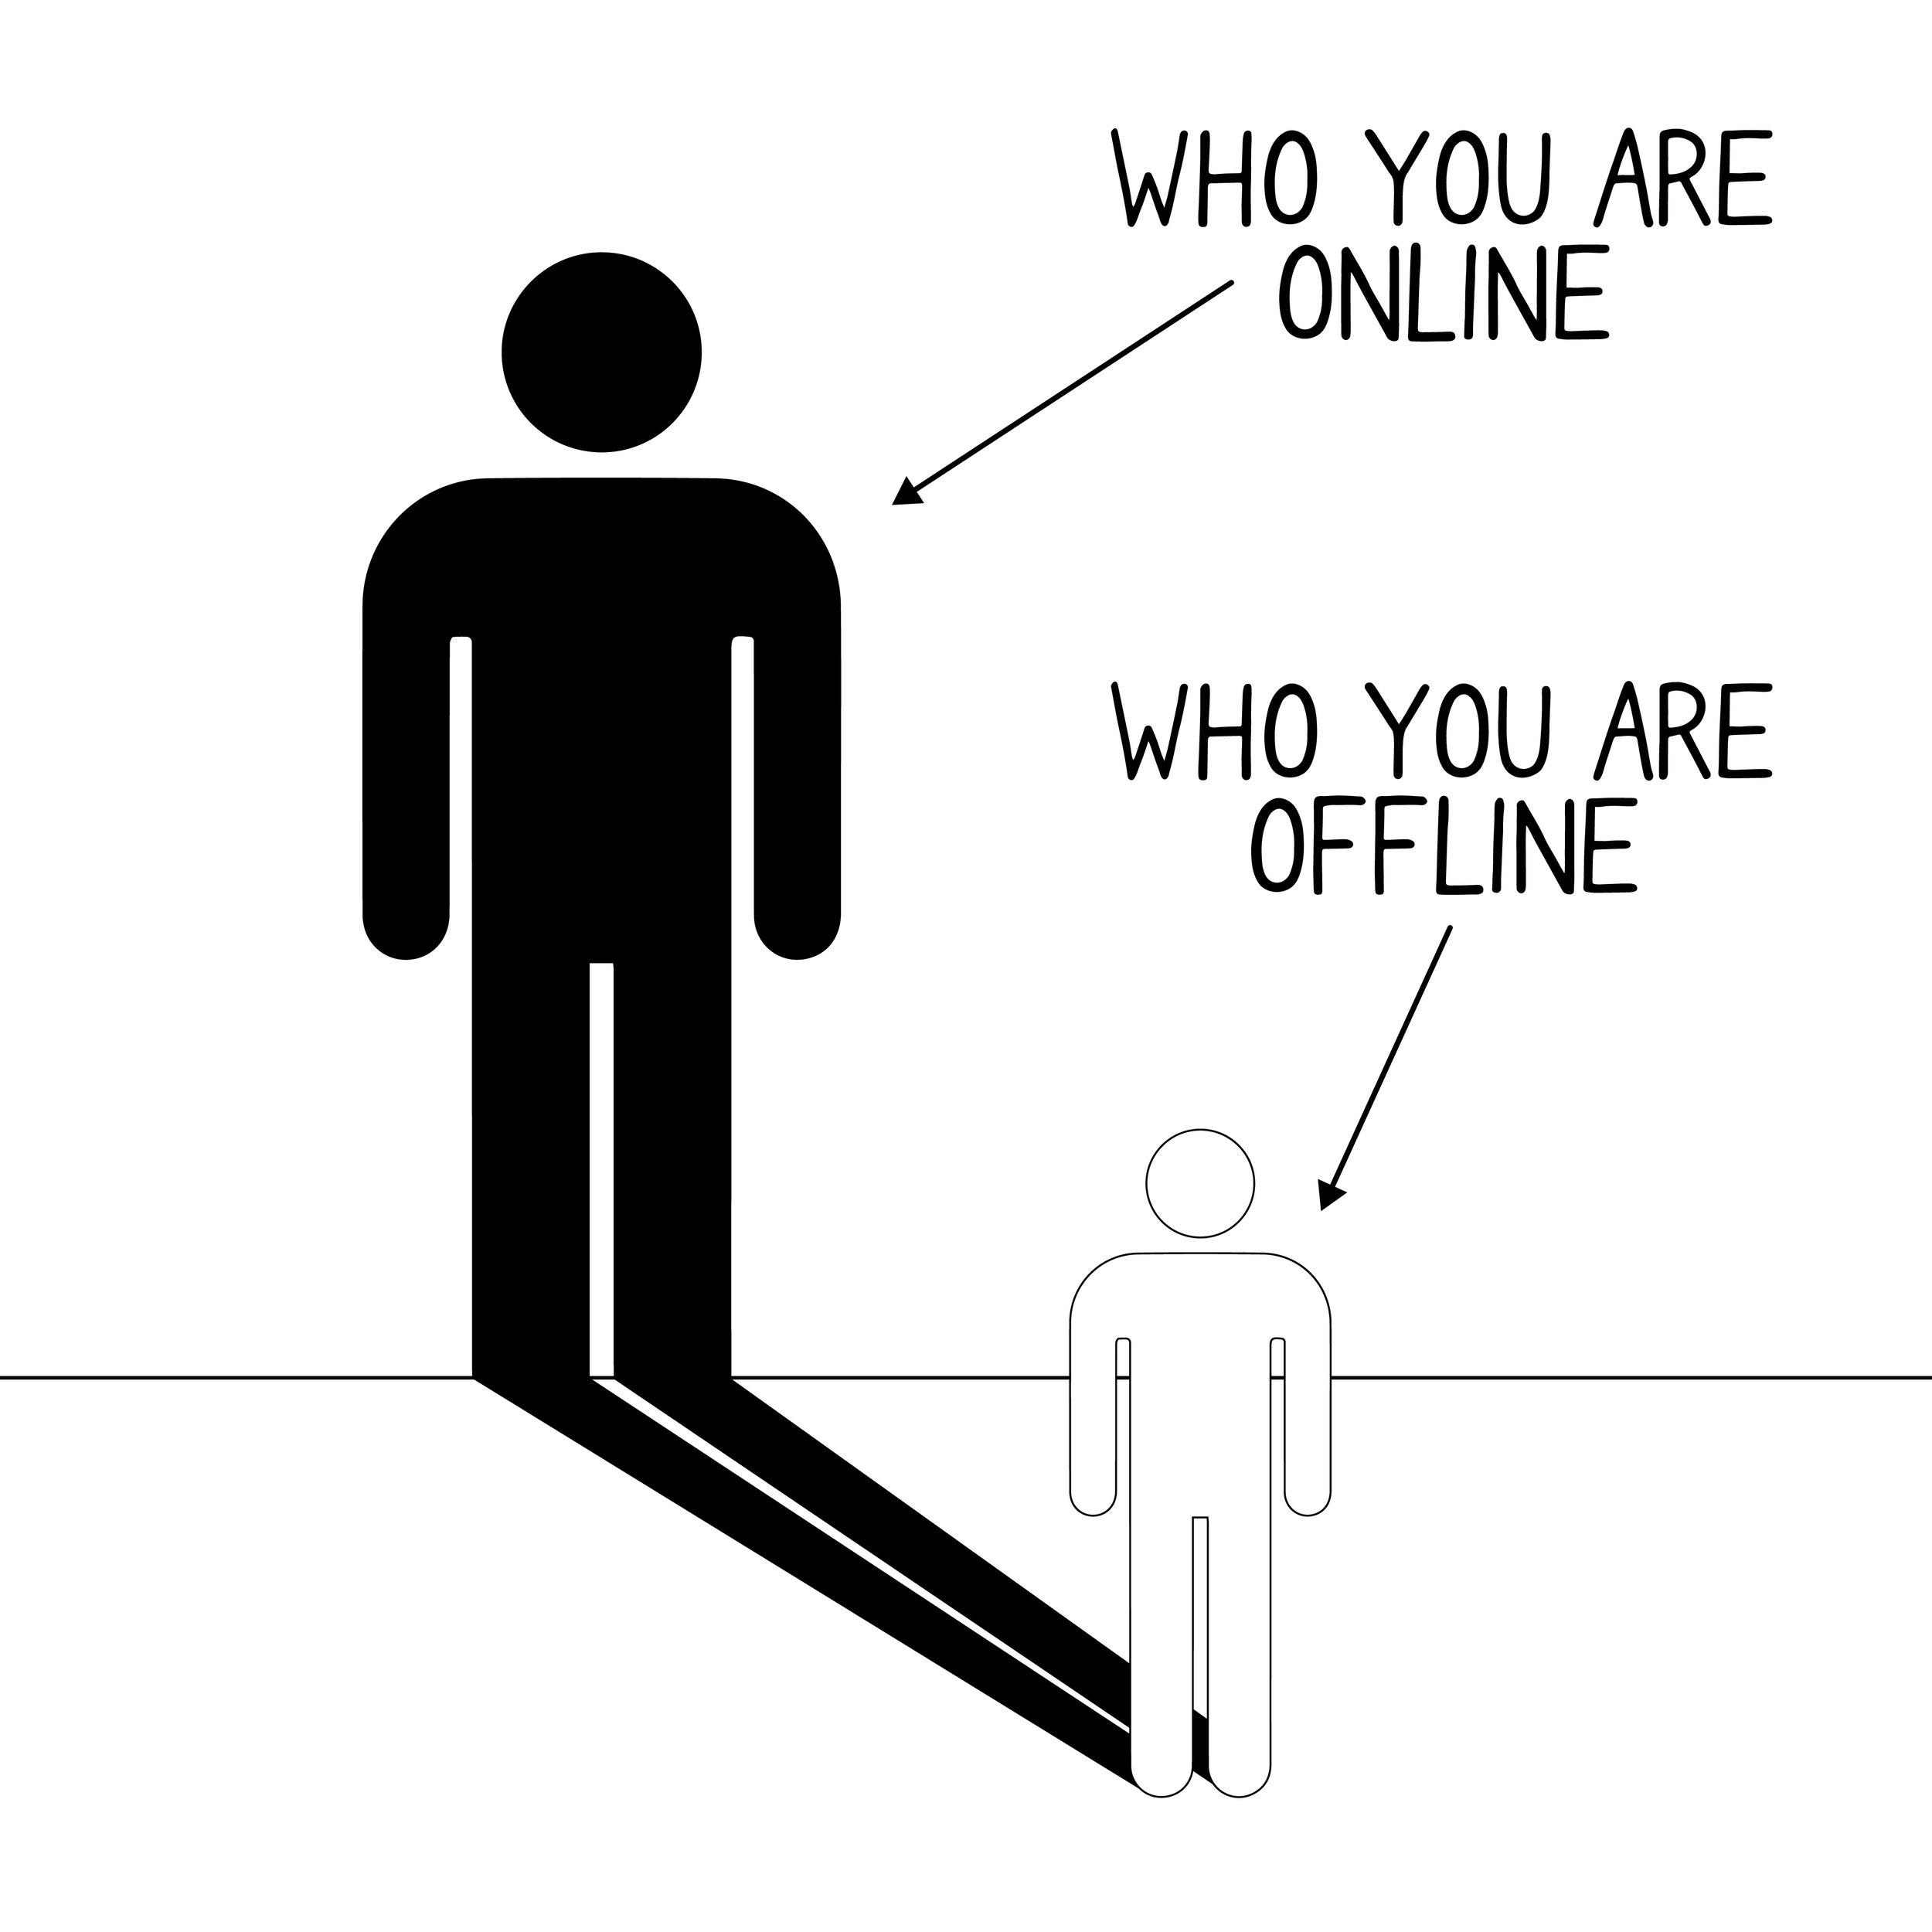 onlineoffline-01.jpg